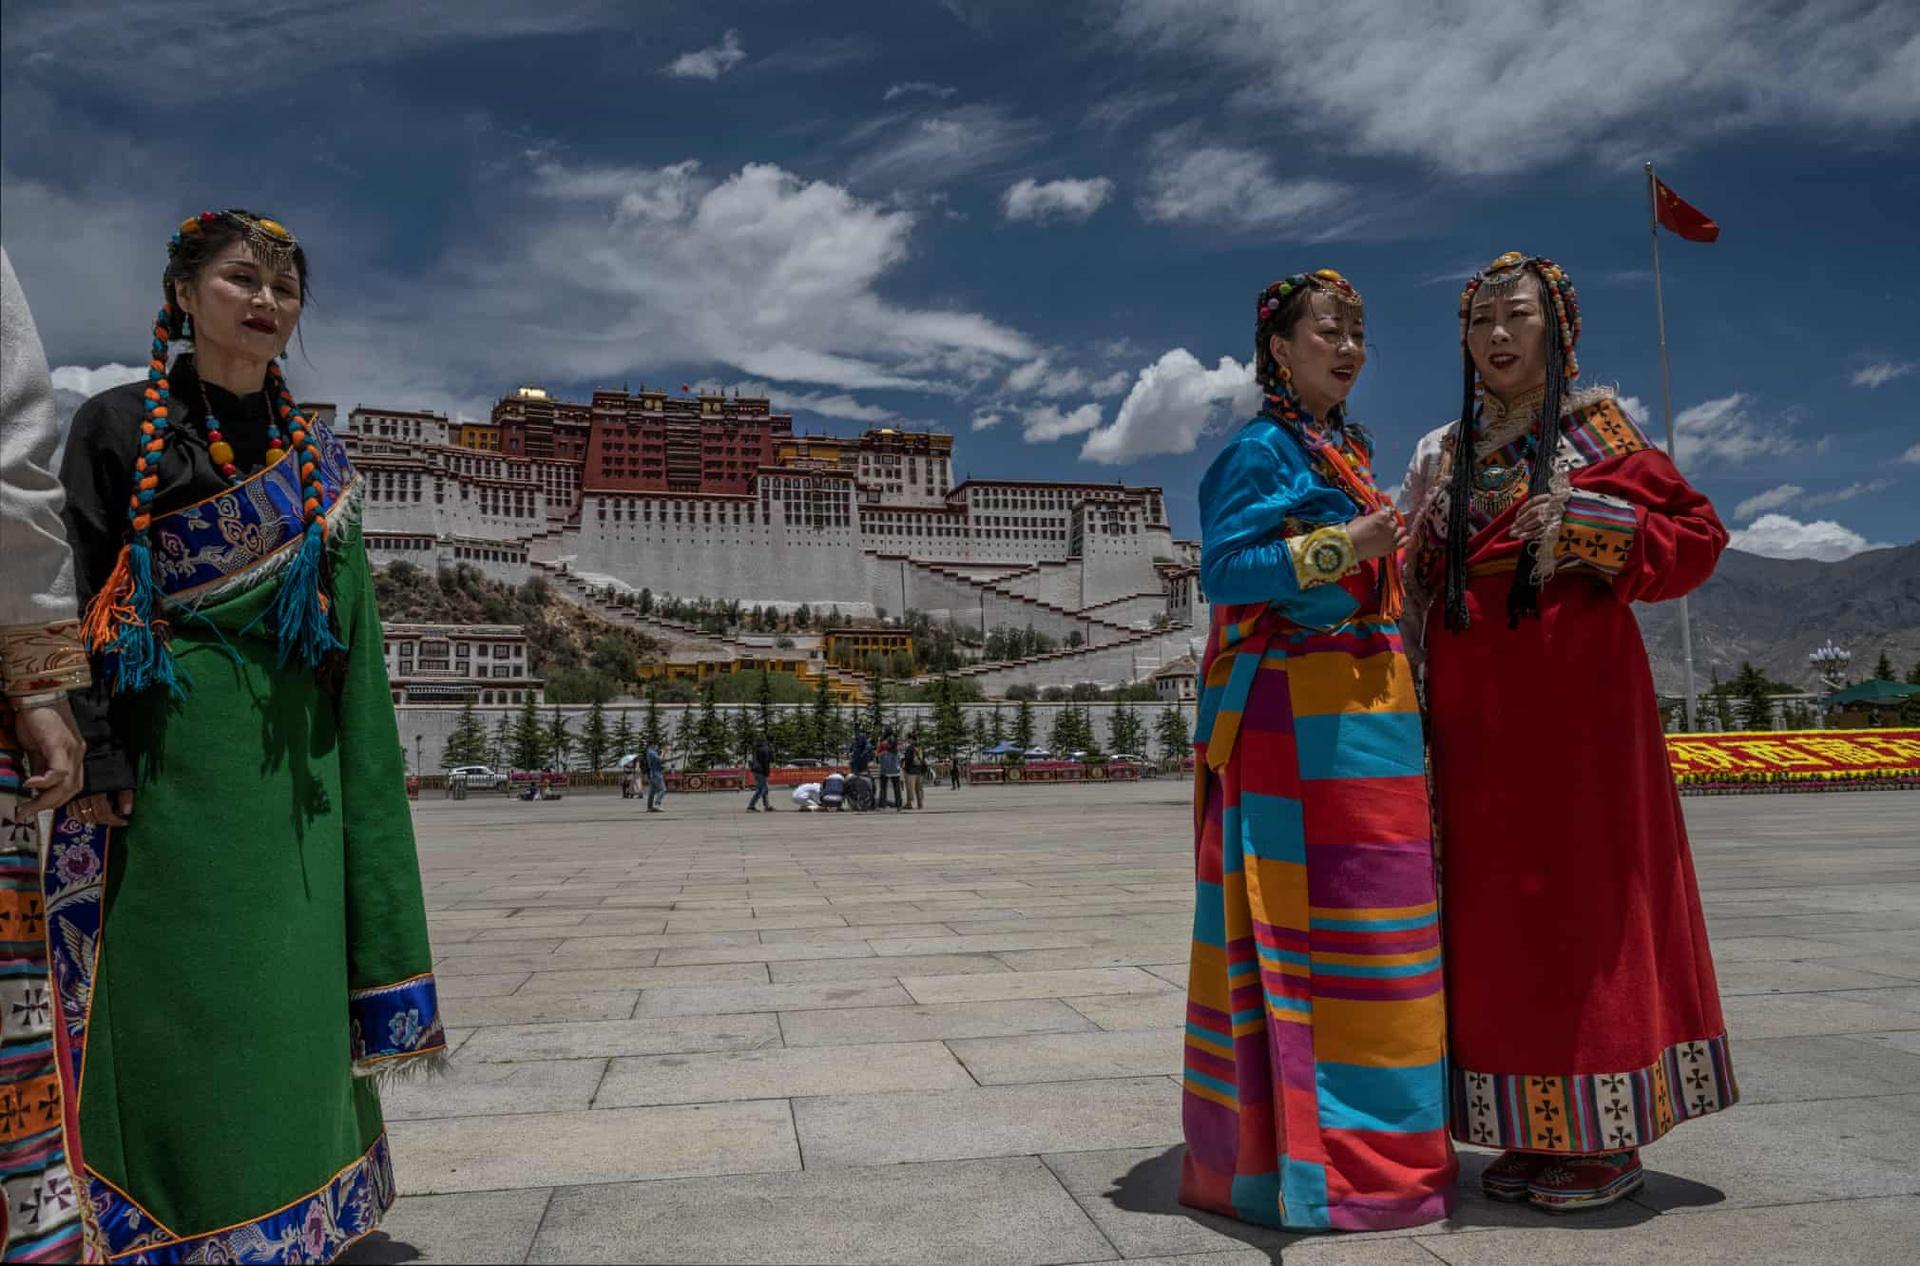 Các cô gái trong bộ trang phục truyền thống đứng trước điện Potala. Chuba, loại áo khoác làm từ da cừu, khá phổ biến với những người du mục.